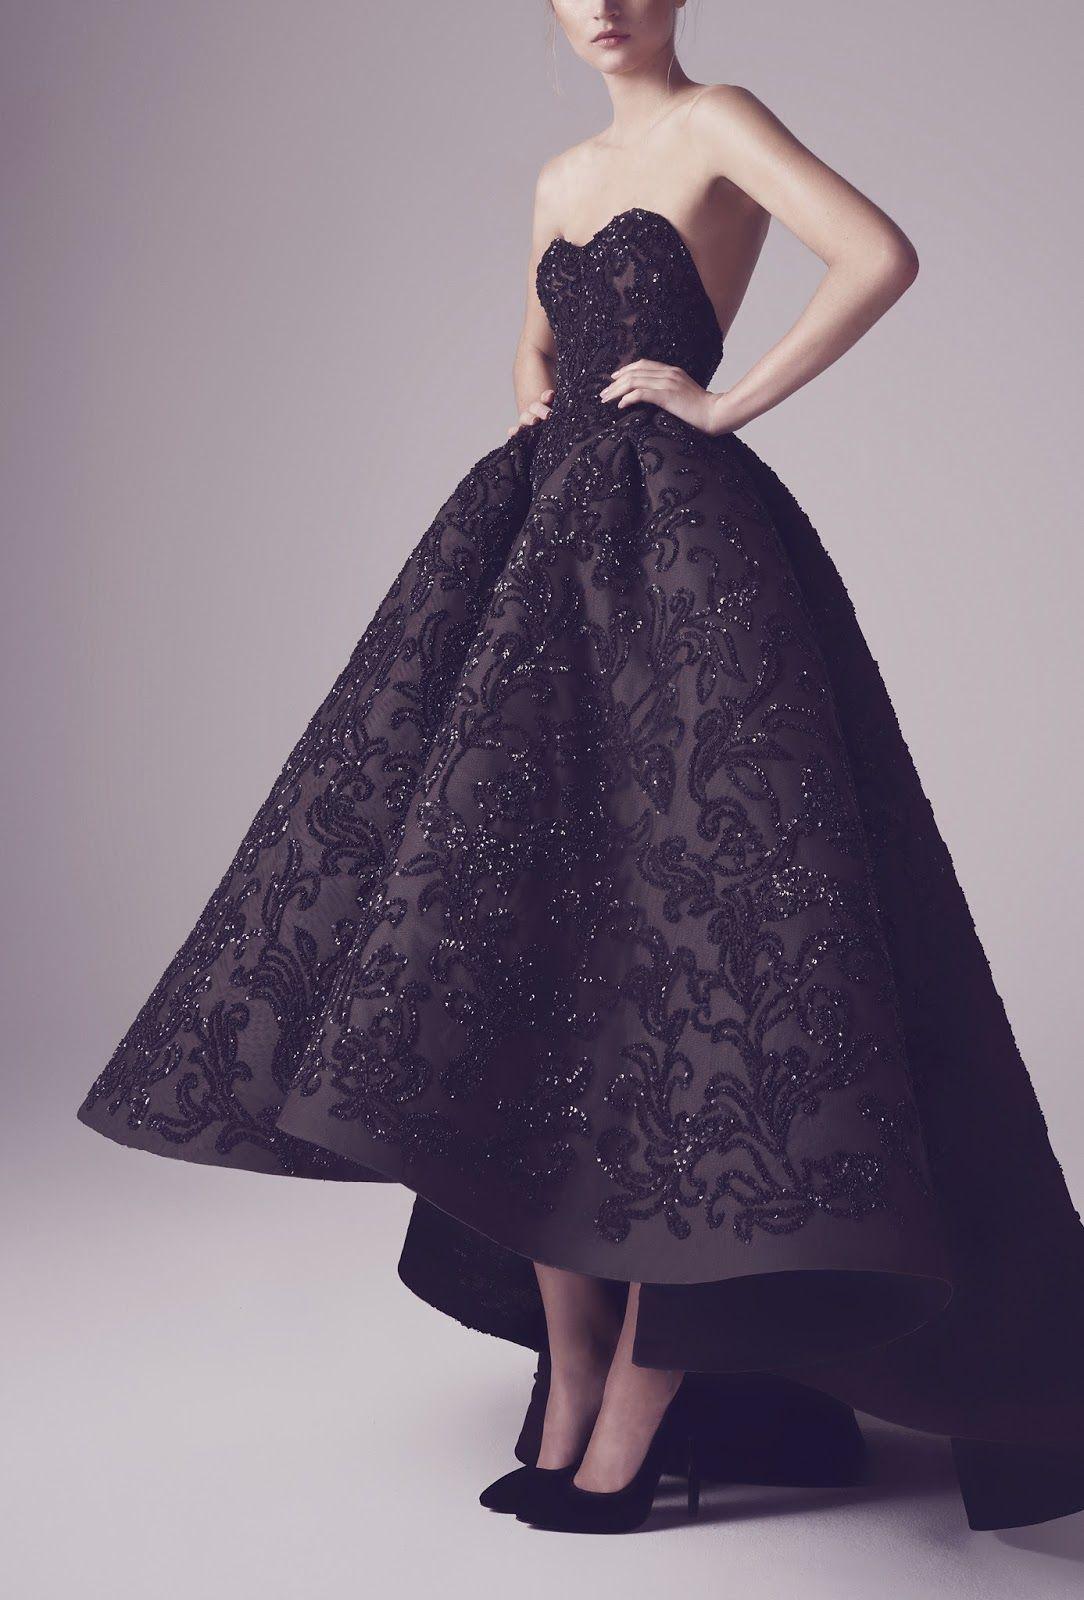 http://www.fashforfashion.com/ | Fashion Forward | Pinterest ...